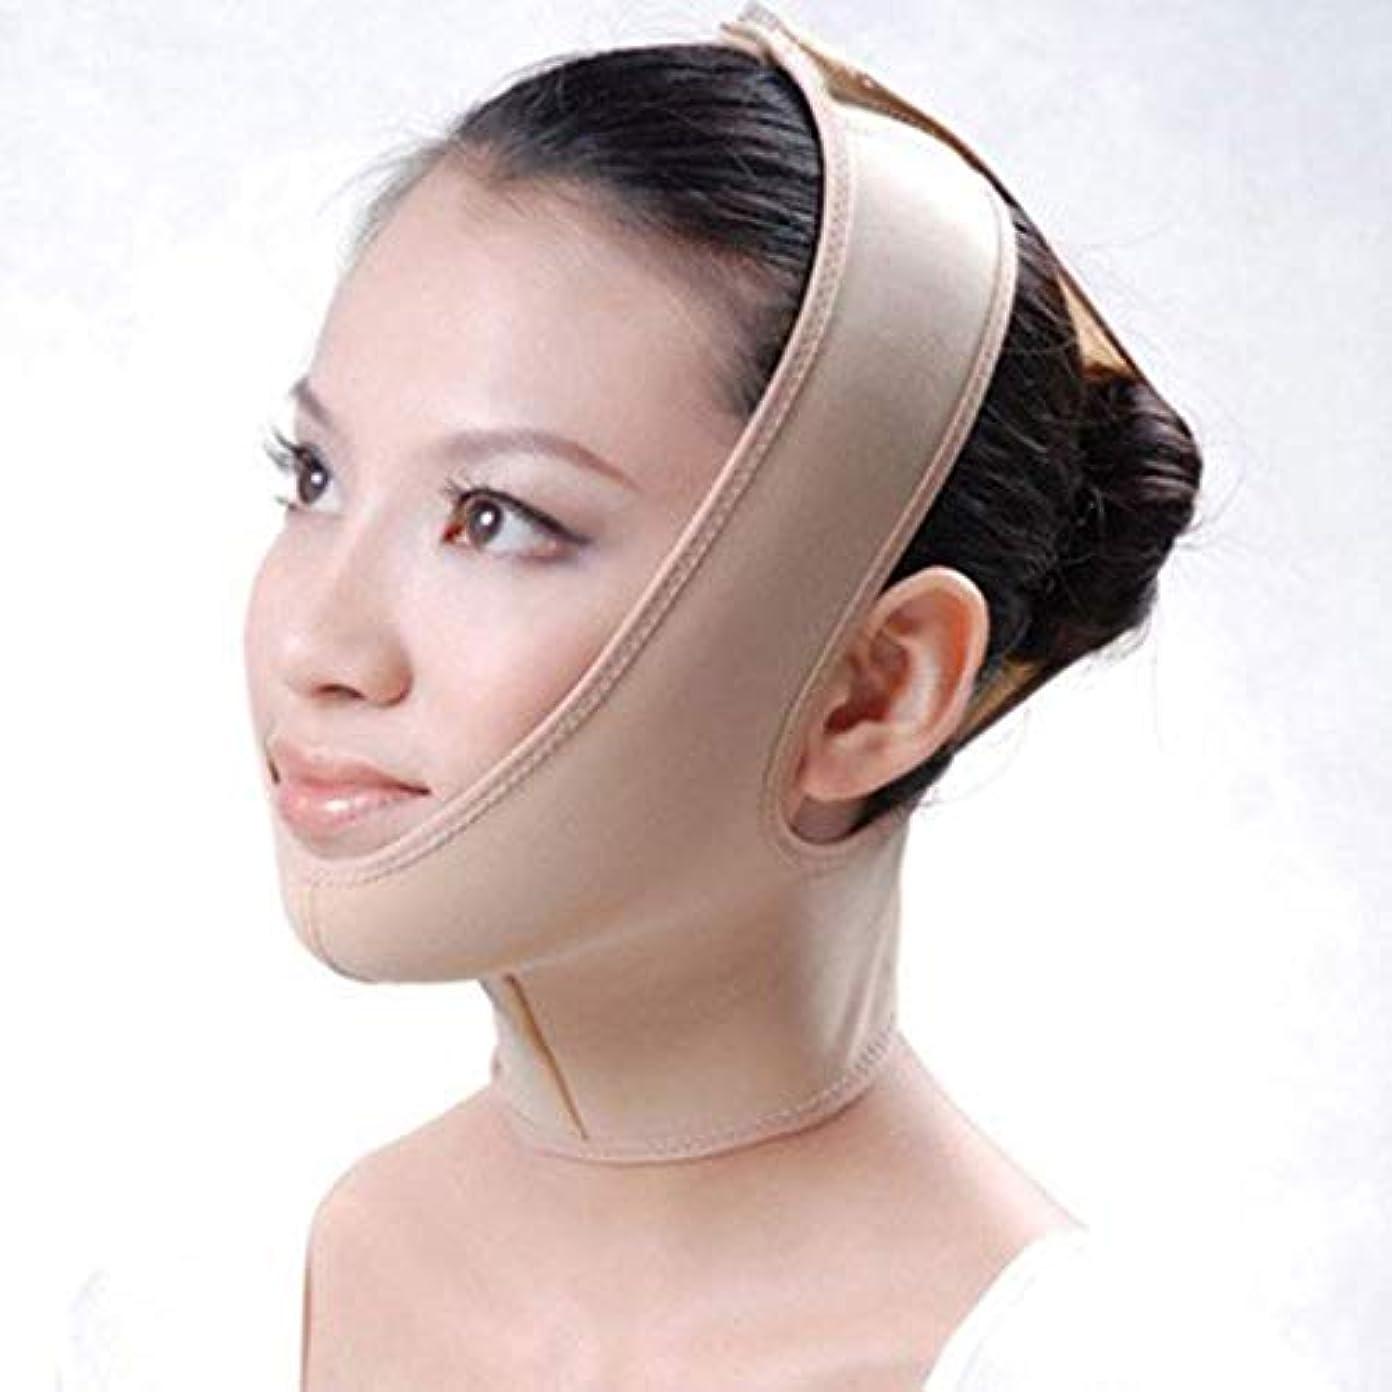 辞書グリース生き残りますフェイスリフティングマスク、リフティングフェイス付きVフェイス、ラインリフティング包帯、ほっそりスリム、痩身のあごのマスク/あごの通気性のあご (XL)